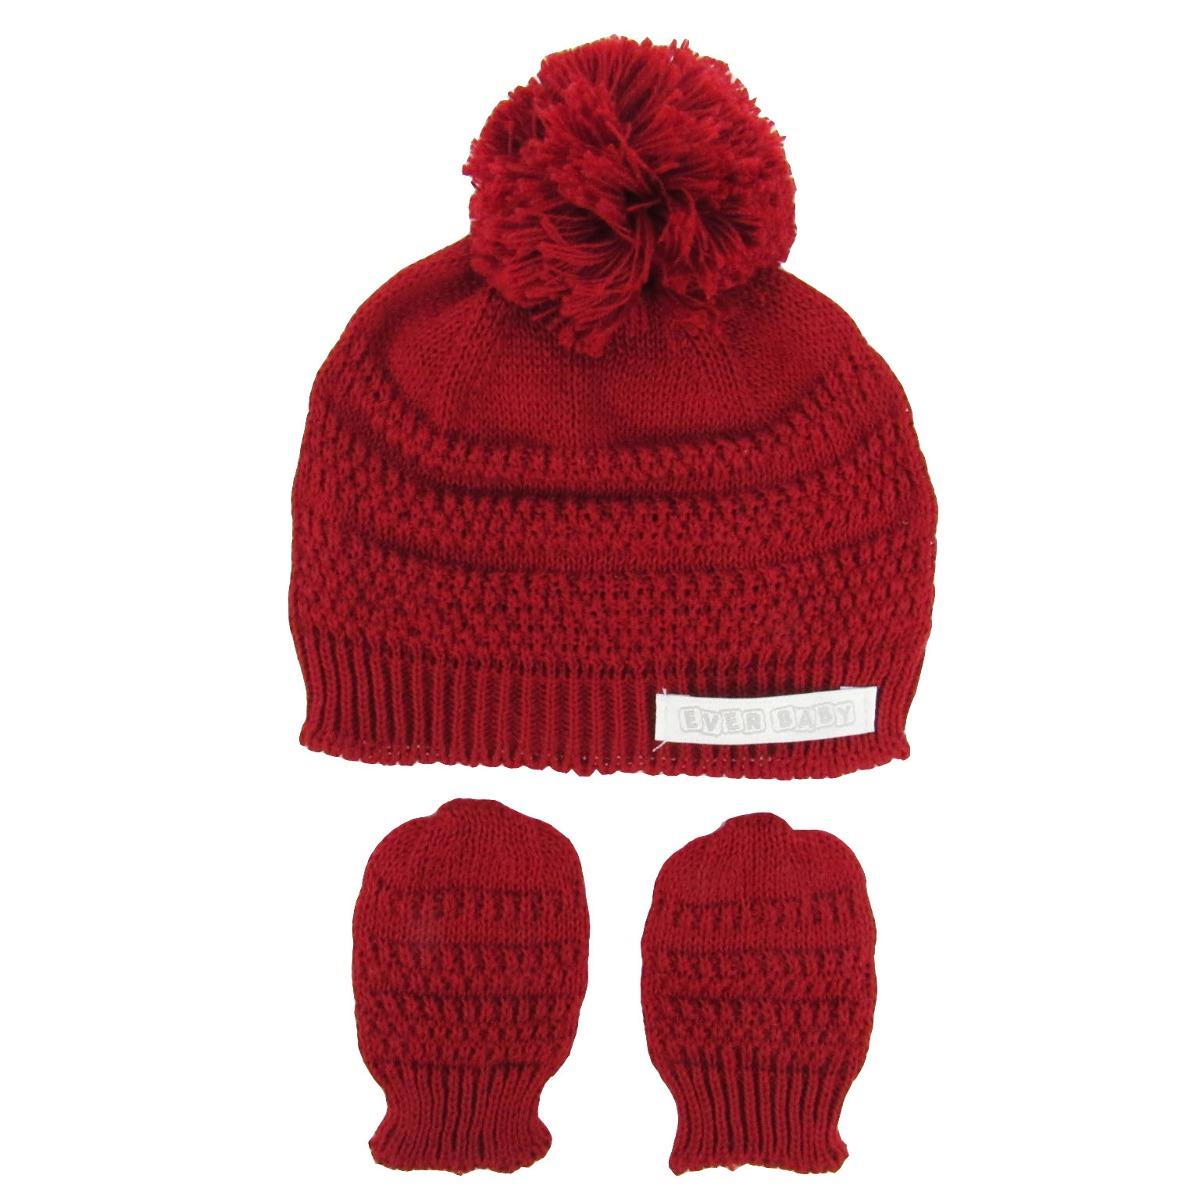 kit bebê unissex touca e luva vermelho -rn. Carregando zoom. 2cd1f8bde1e